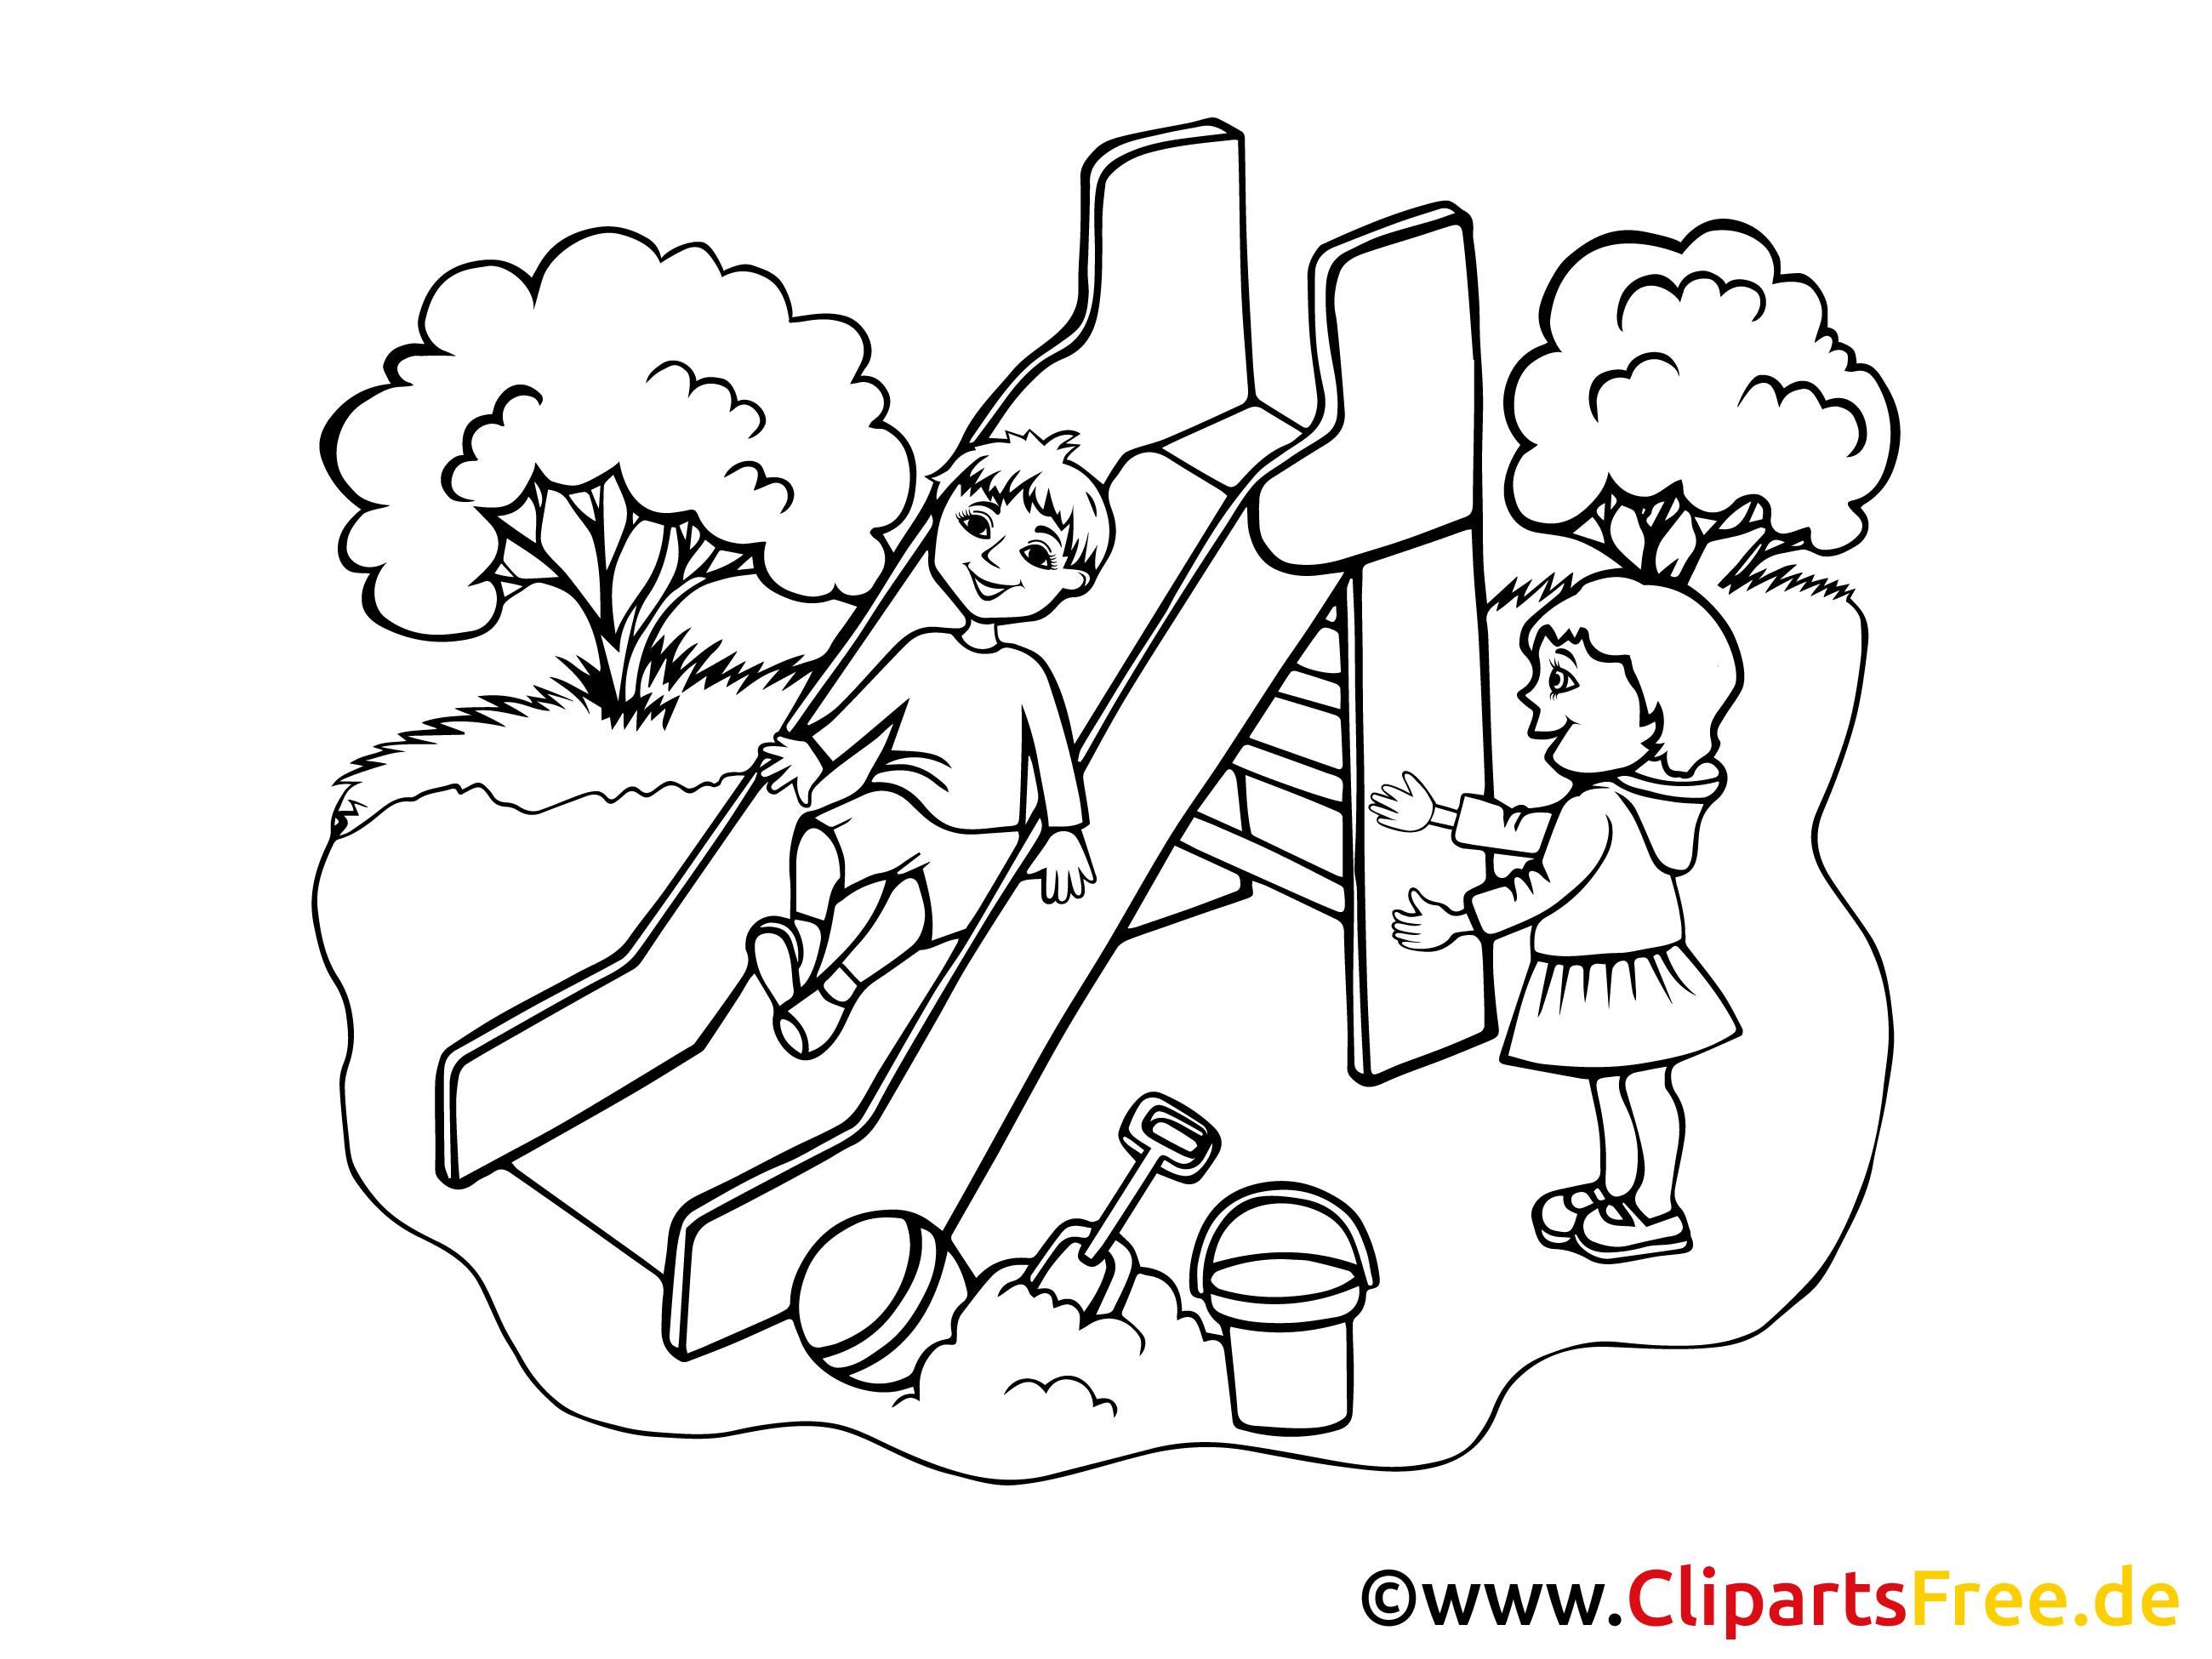 Spielplatz Bild, Clipart, Illustration schwarz-weiß zum Ausmalen